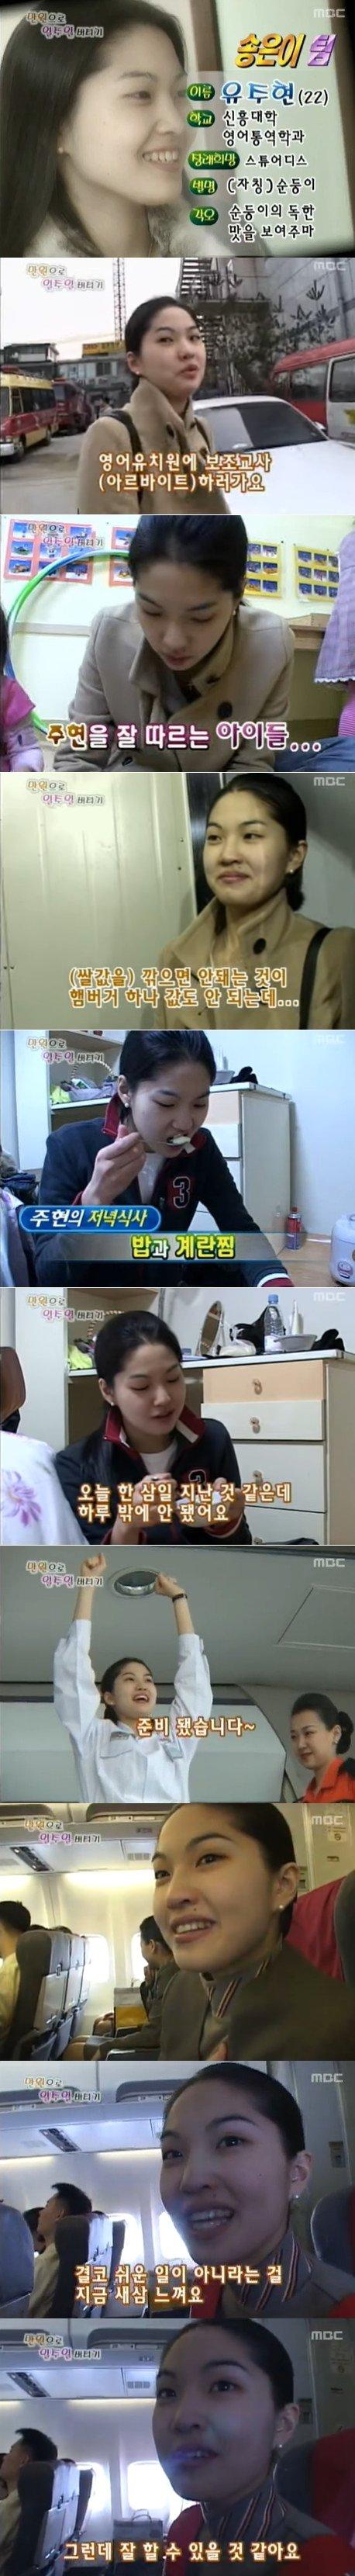 류이서 만원의 행복 유튜브 캡처 / MBC © 뉴스1